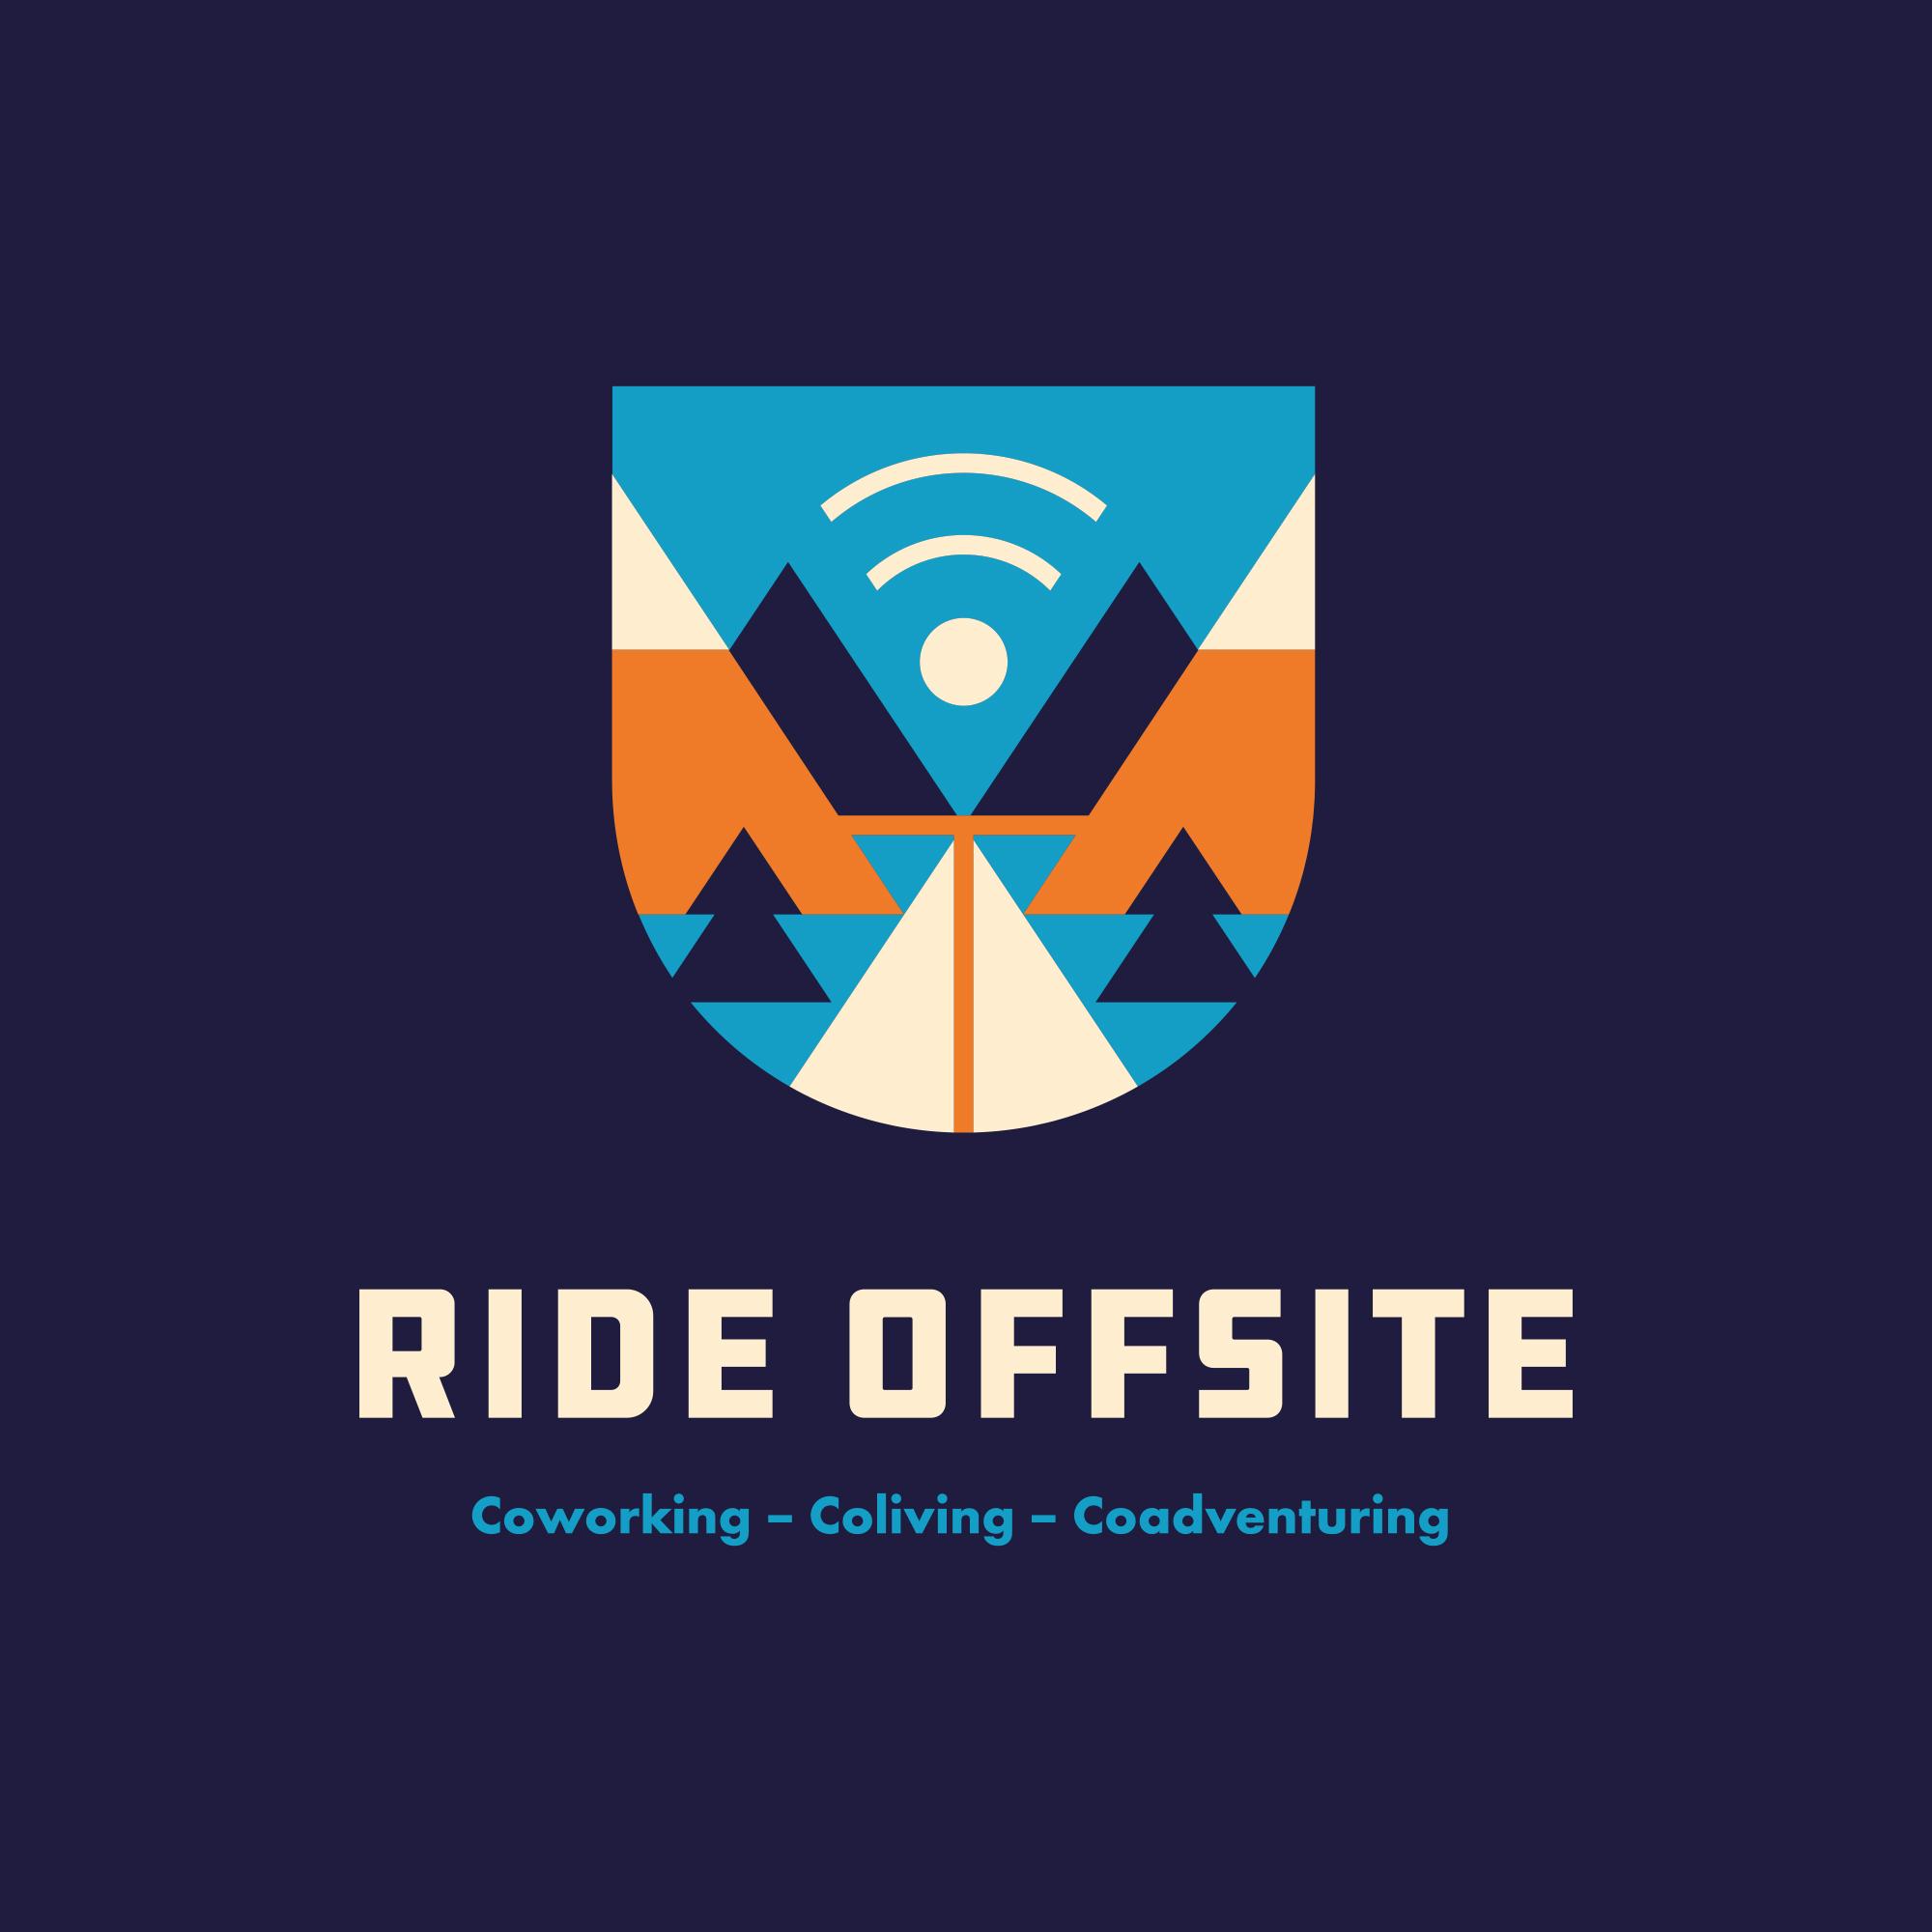 Ride Offsite